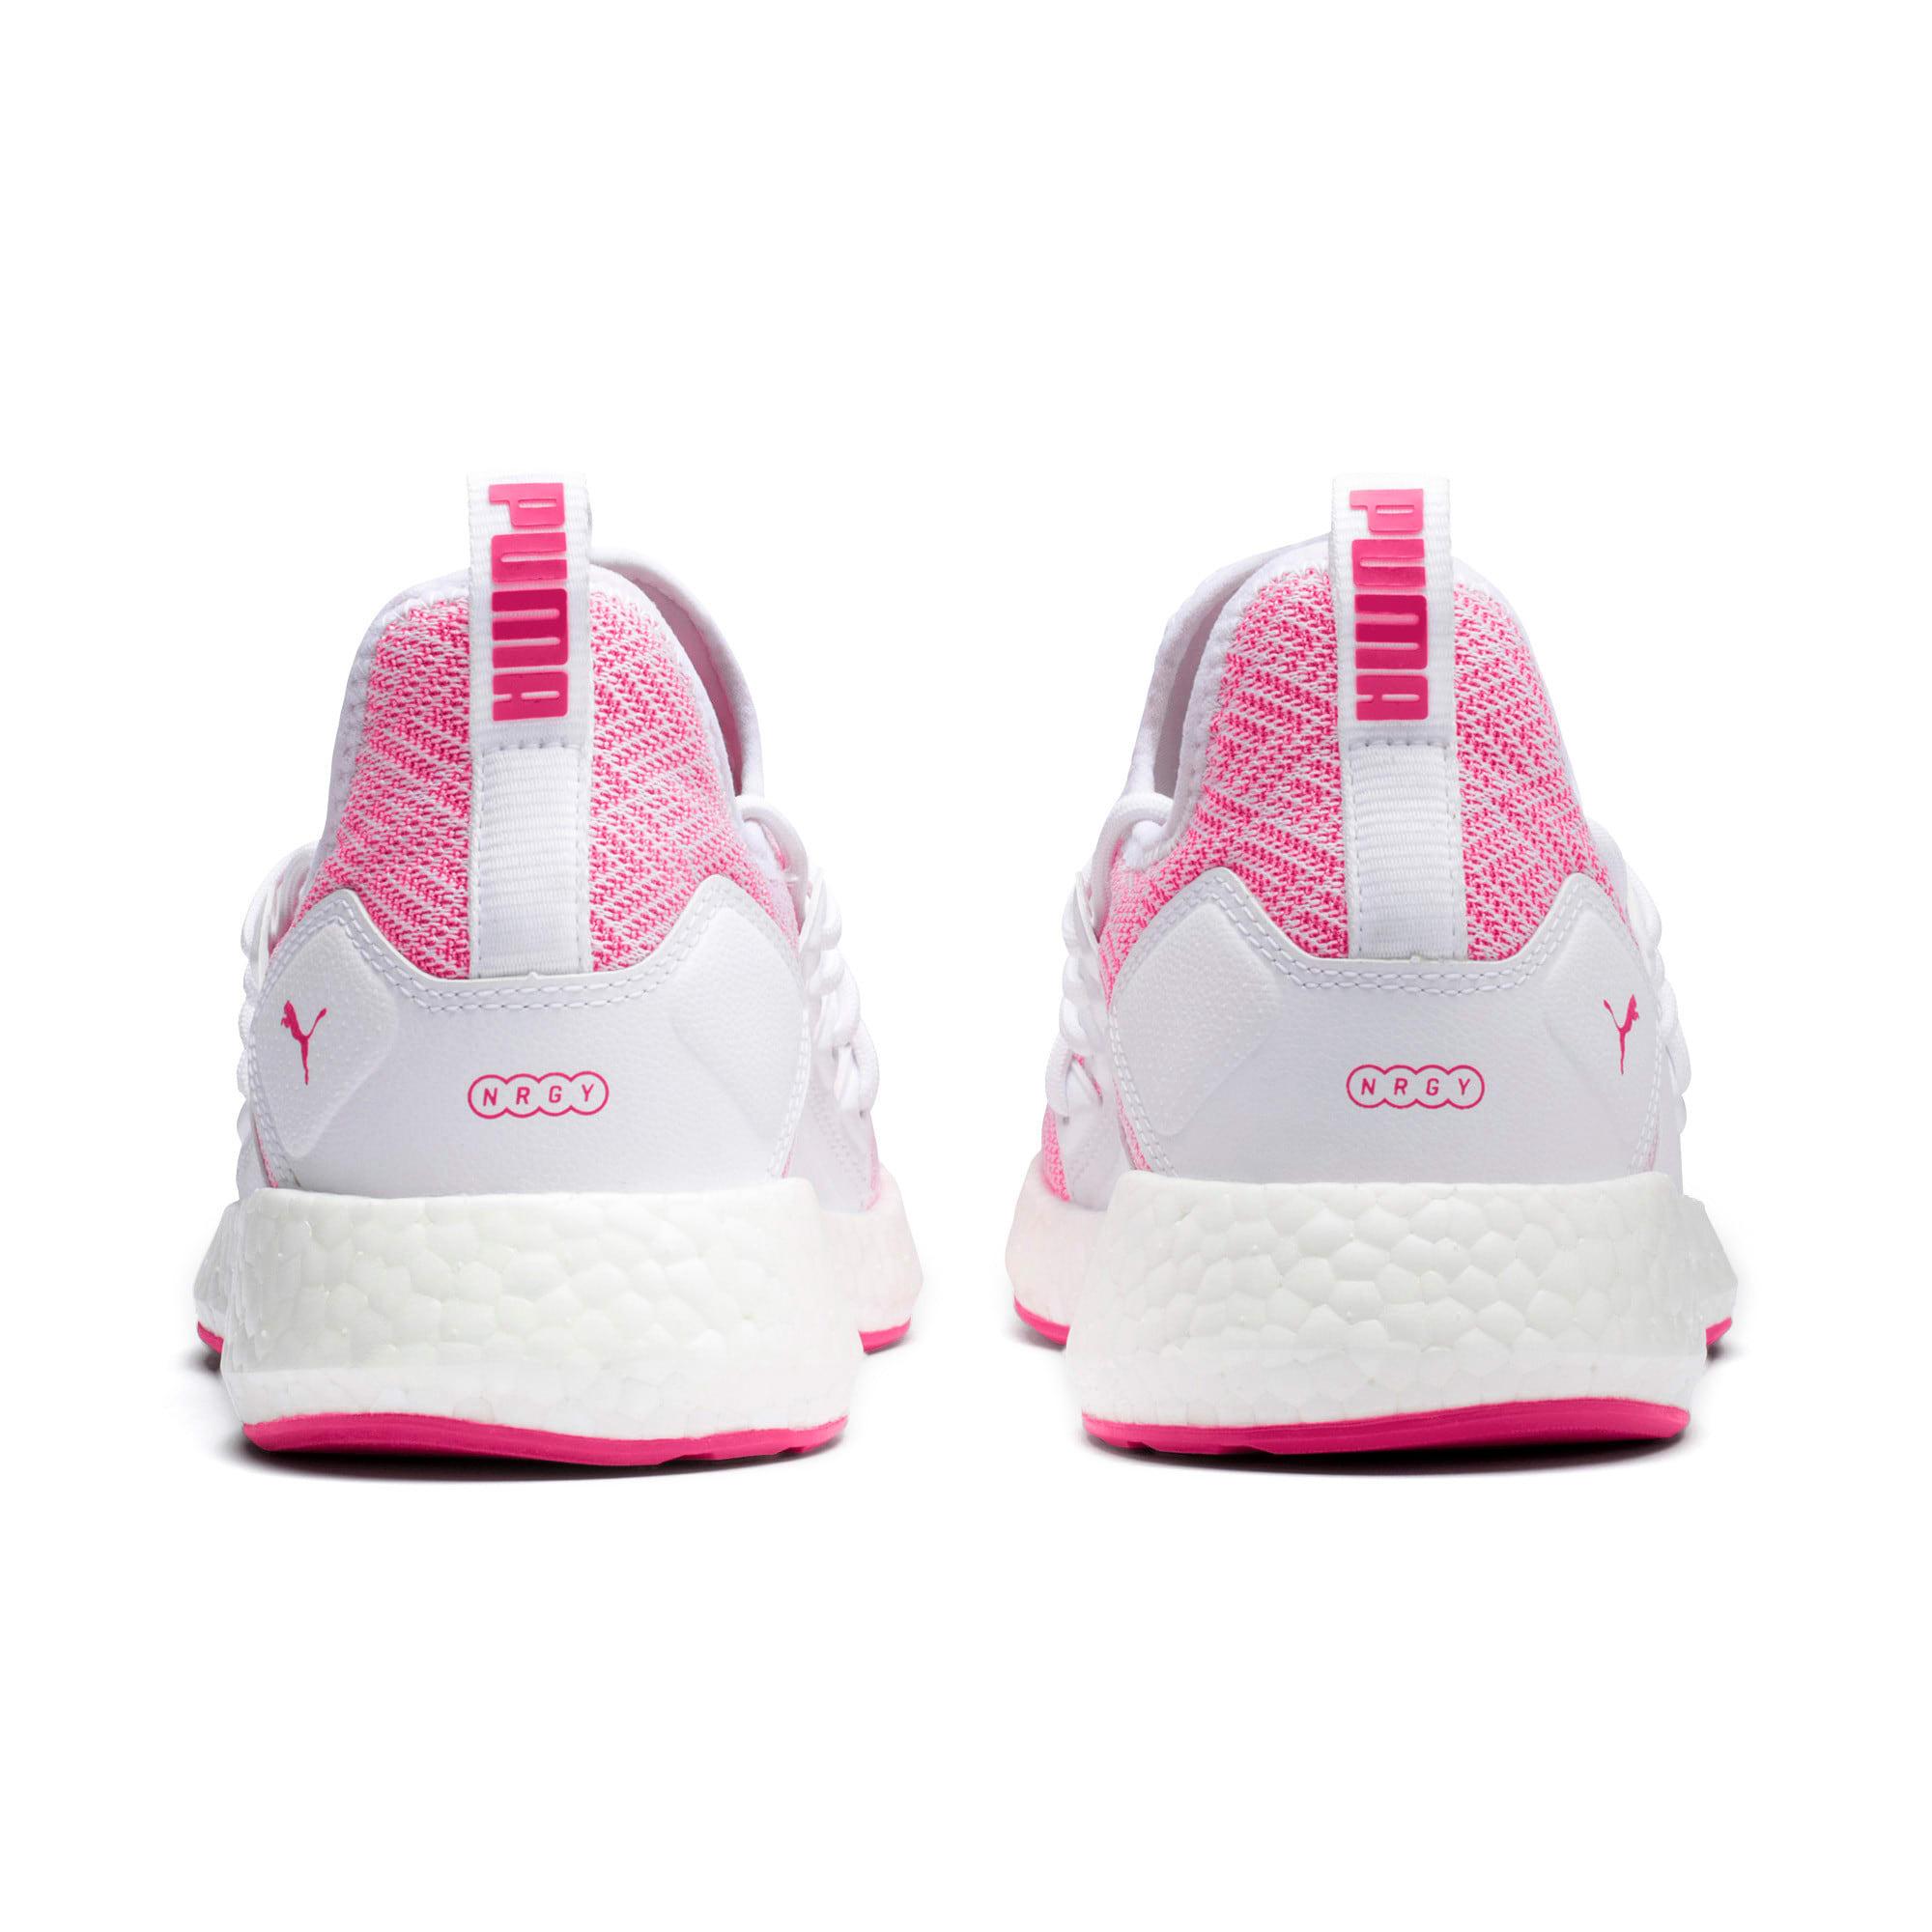 Thumbnail 4 of NRGY Neko Stellar Women's Running Shoes, Puma White-Fuchsia Purple, medium